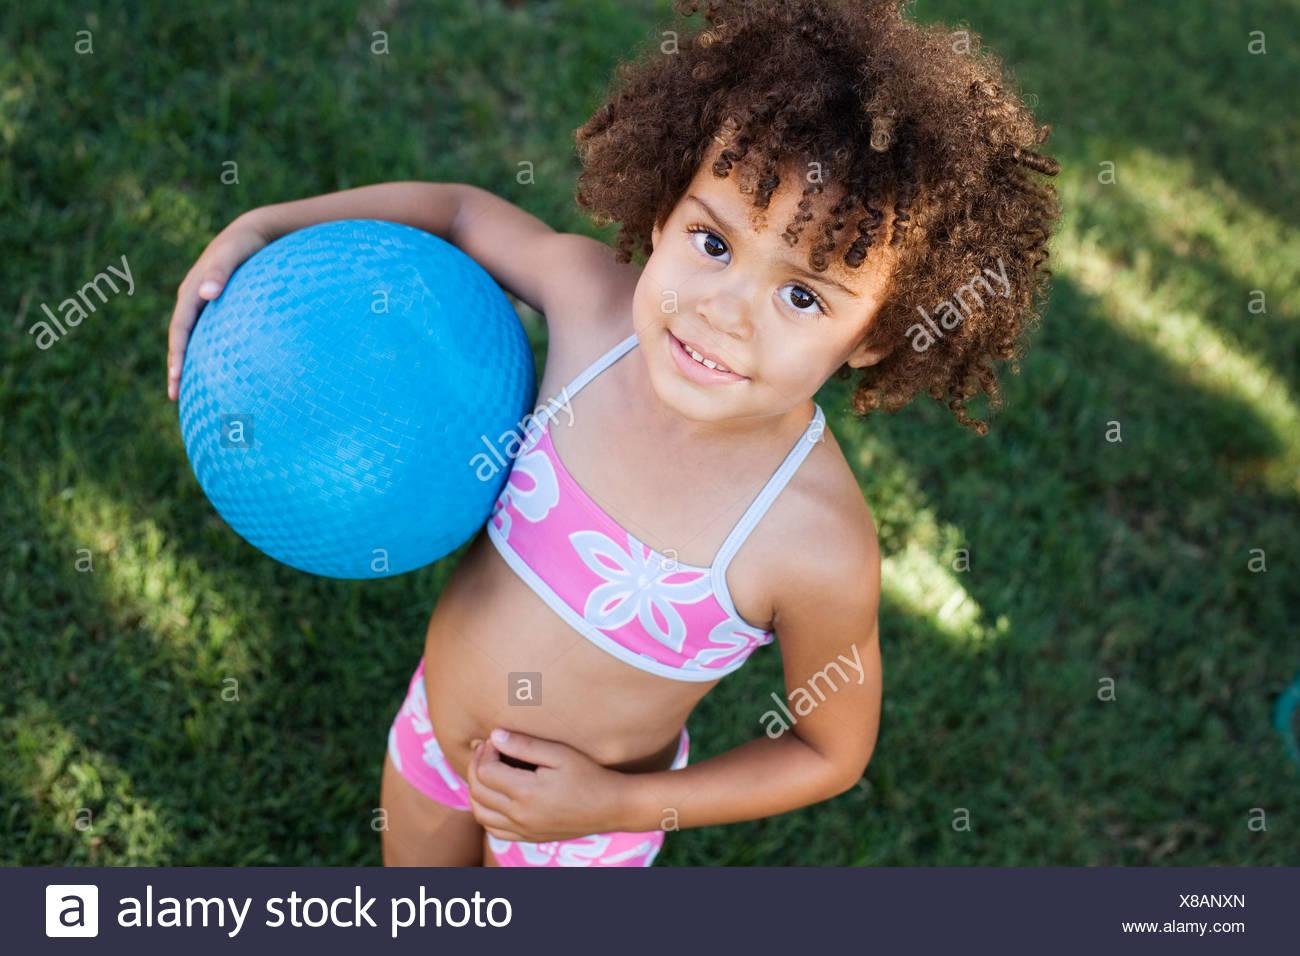 Girl in swimwear holding ball in yard - Stock Image